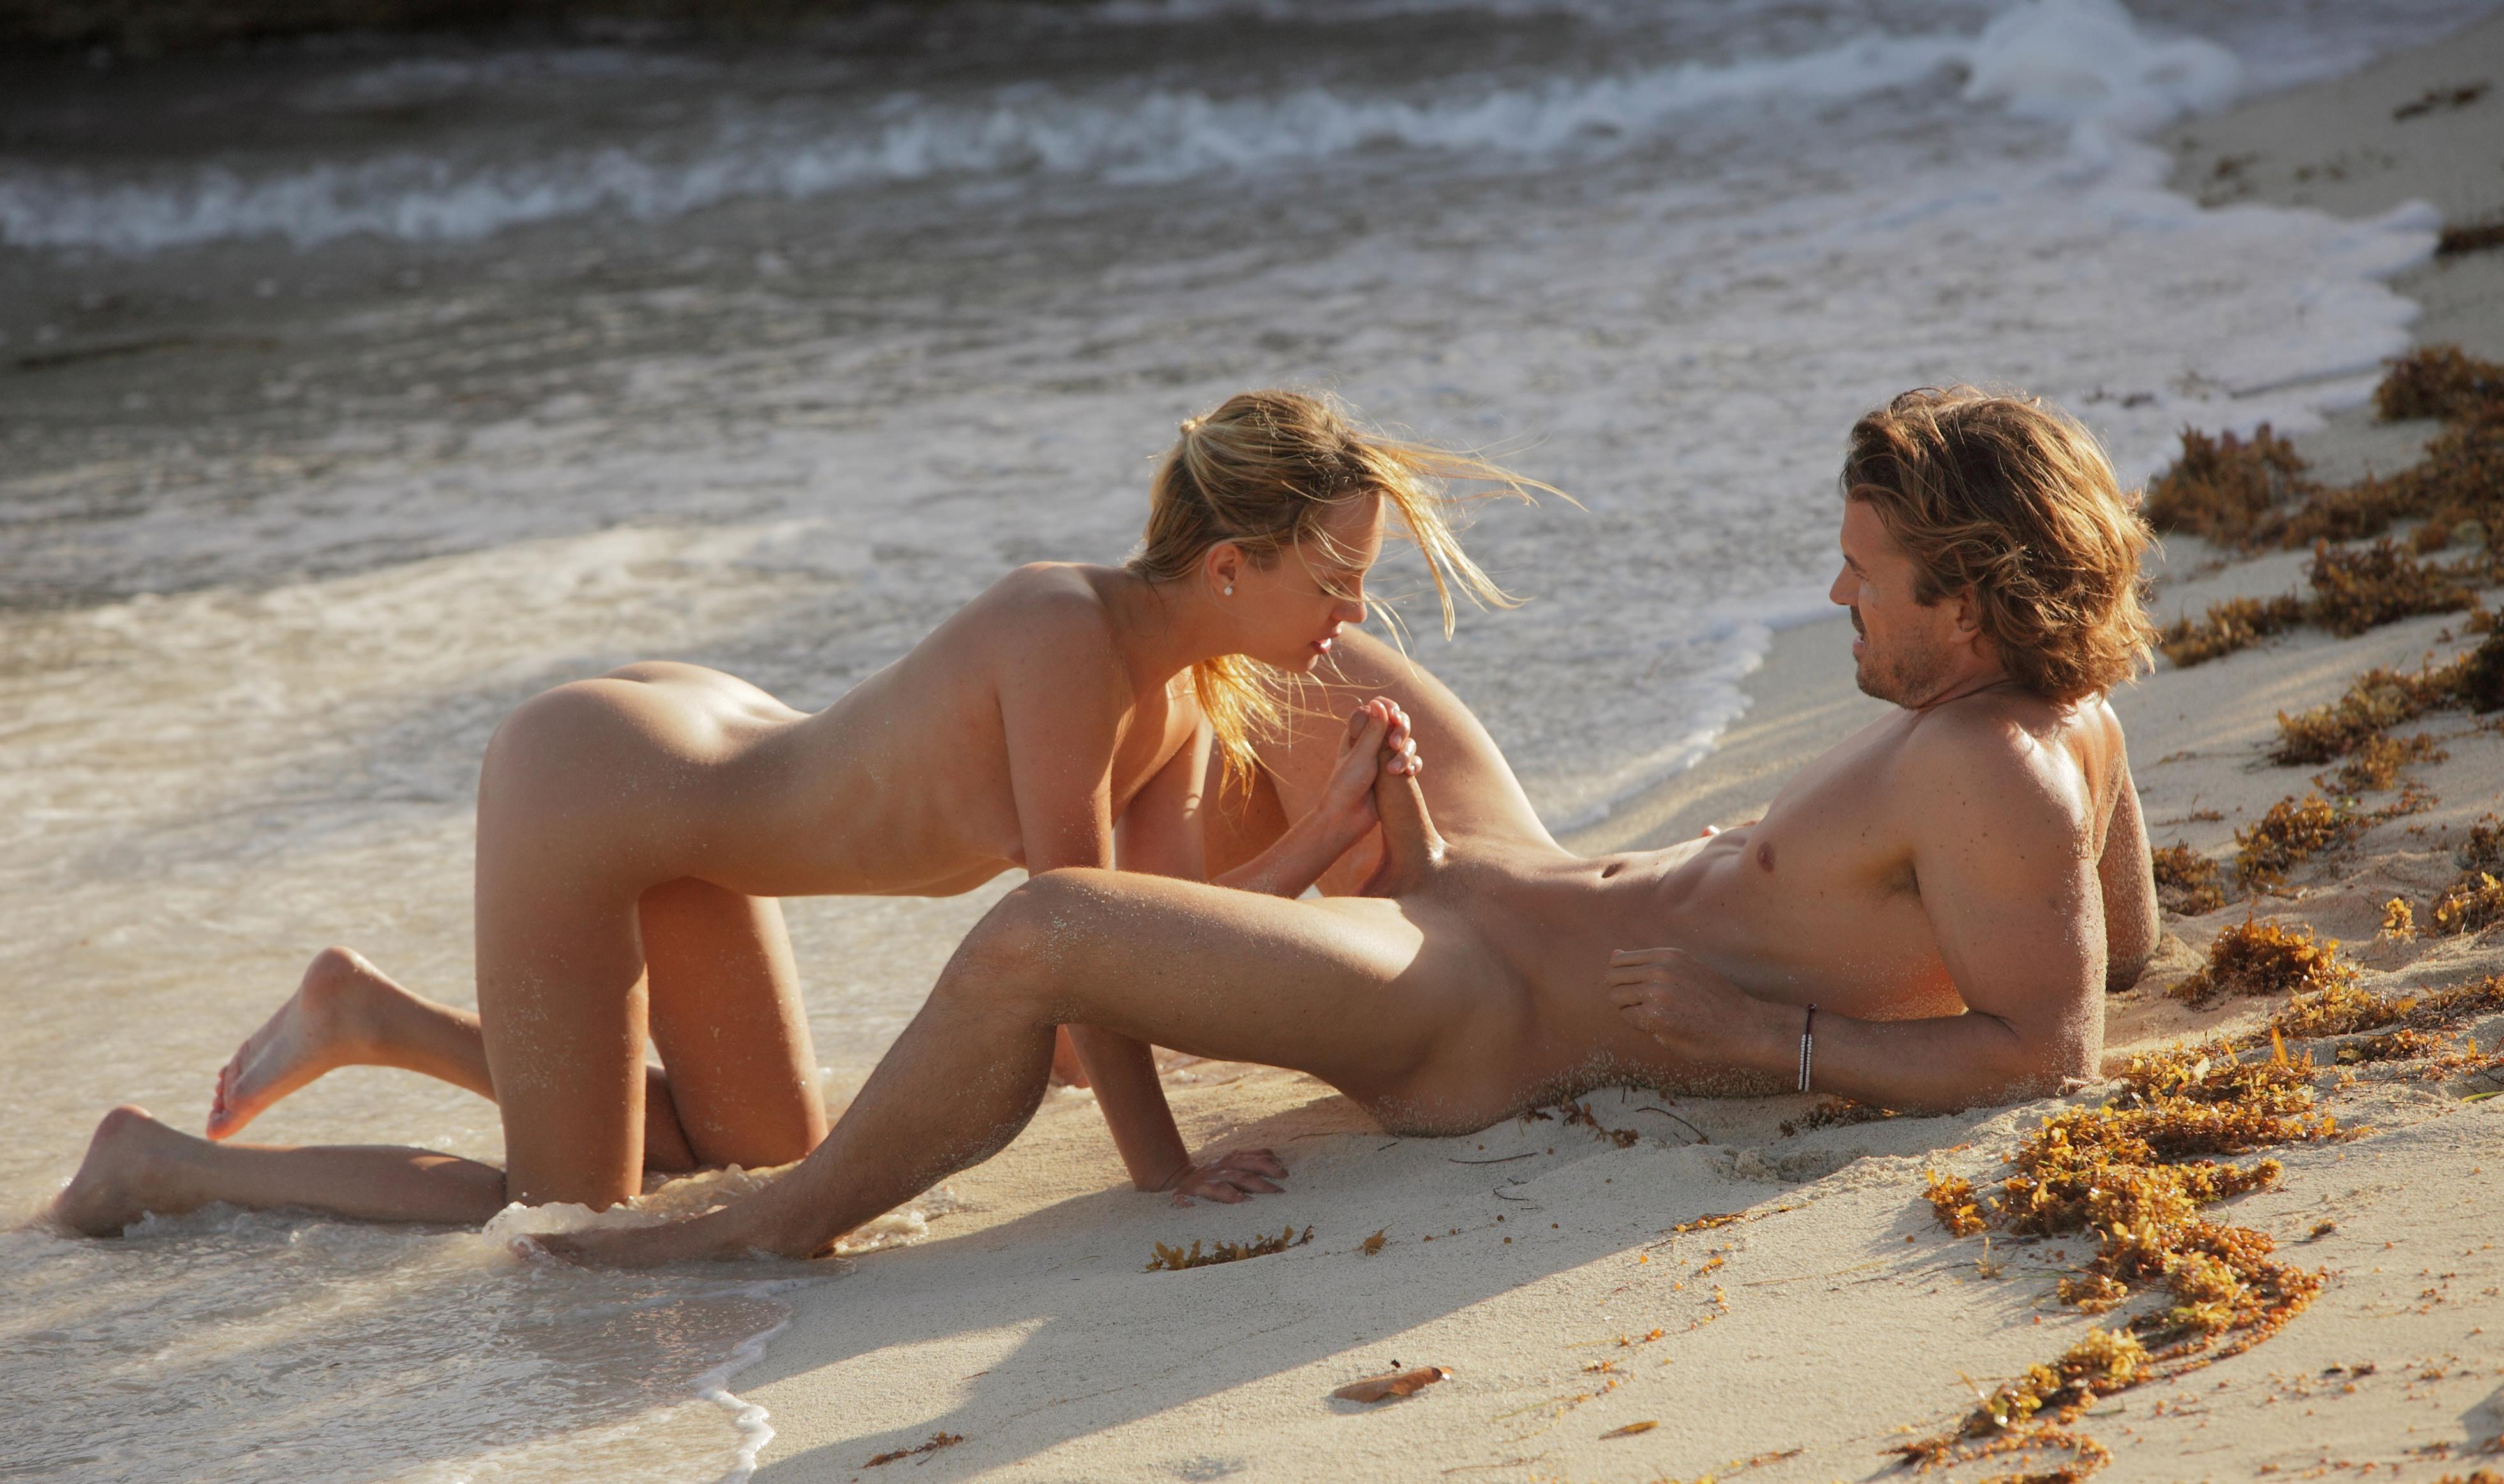 Сексуальная пара на пляже 11 фотография